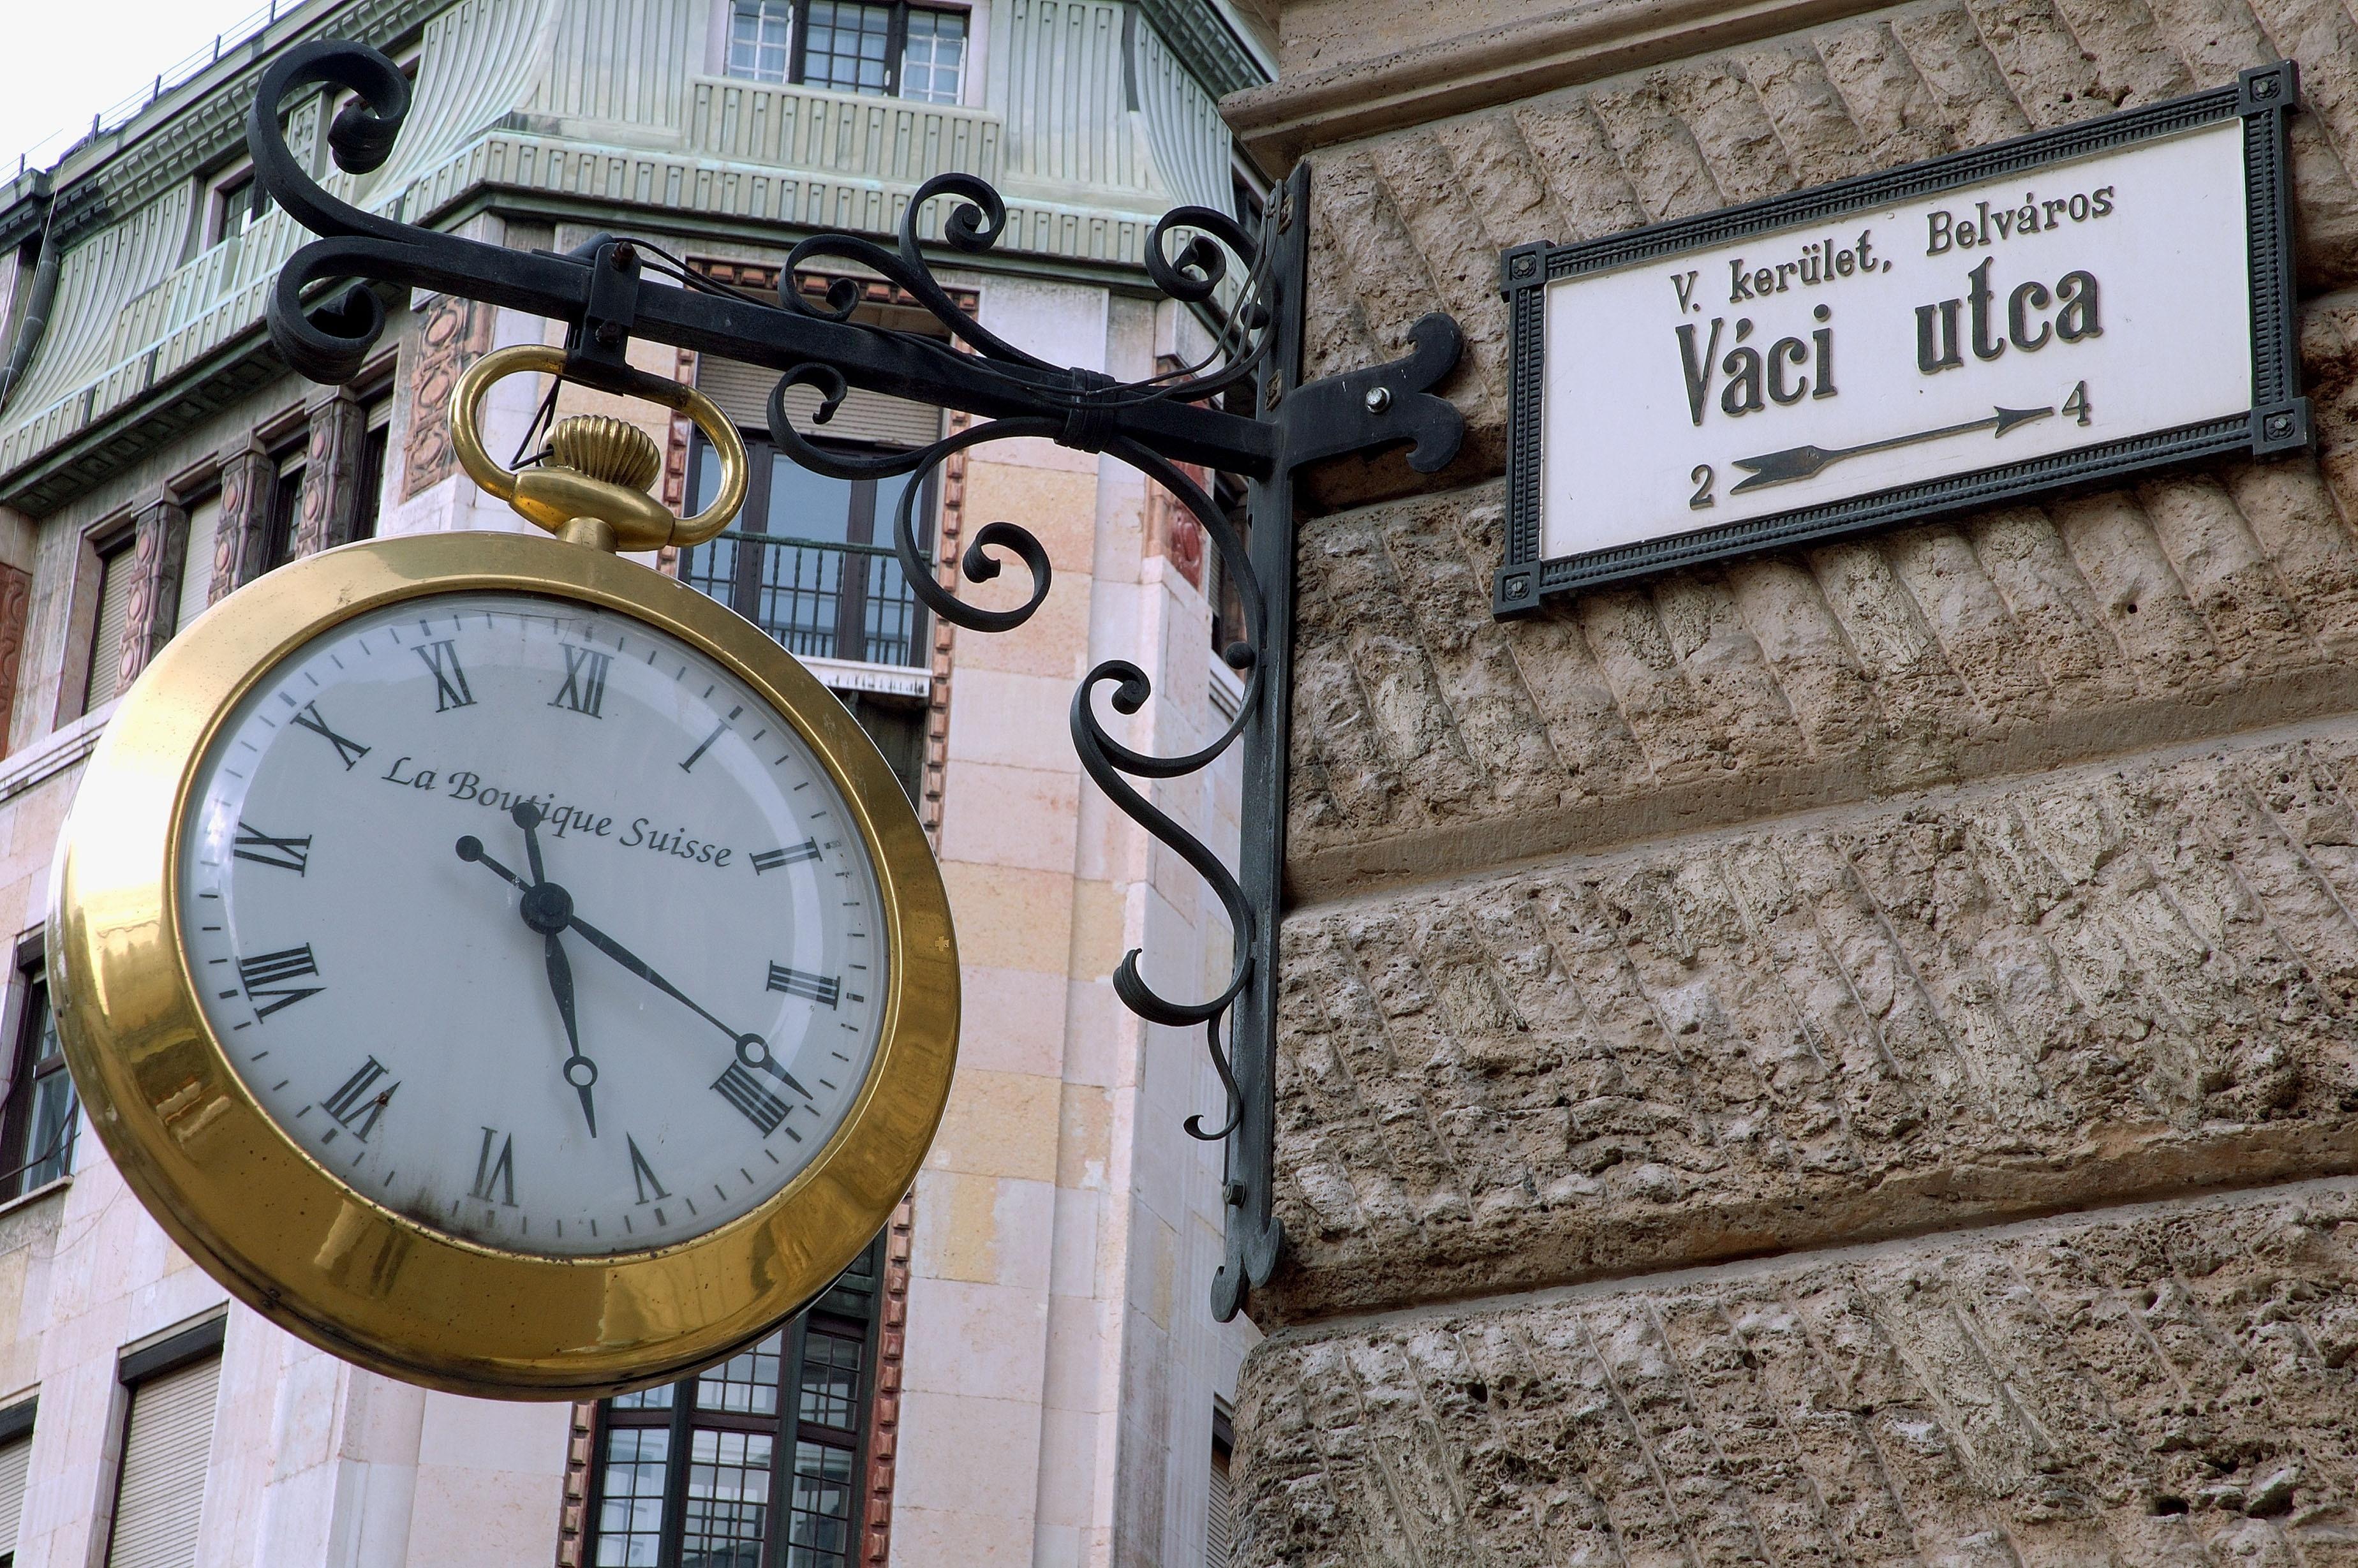 Váci Street, Budapeste, Hungria